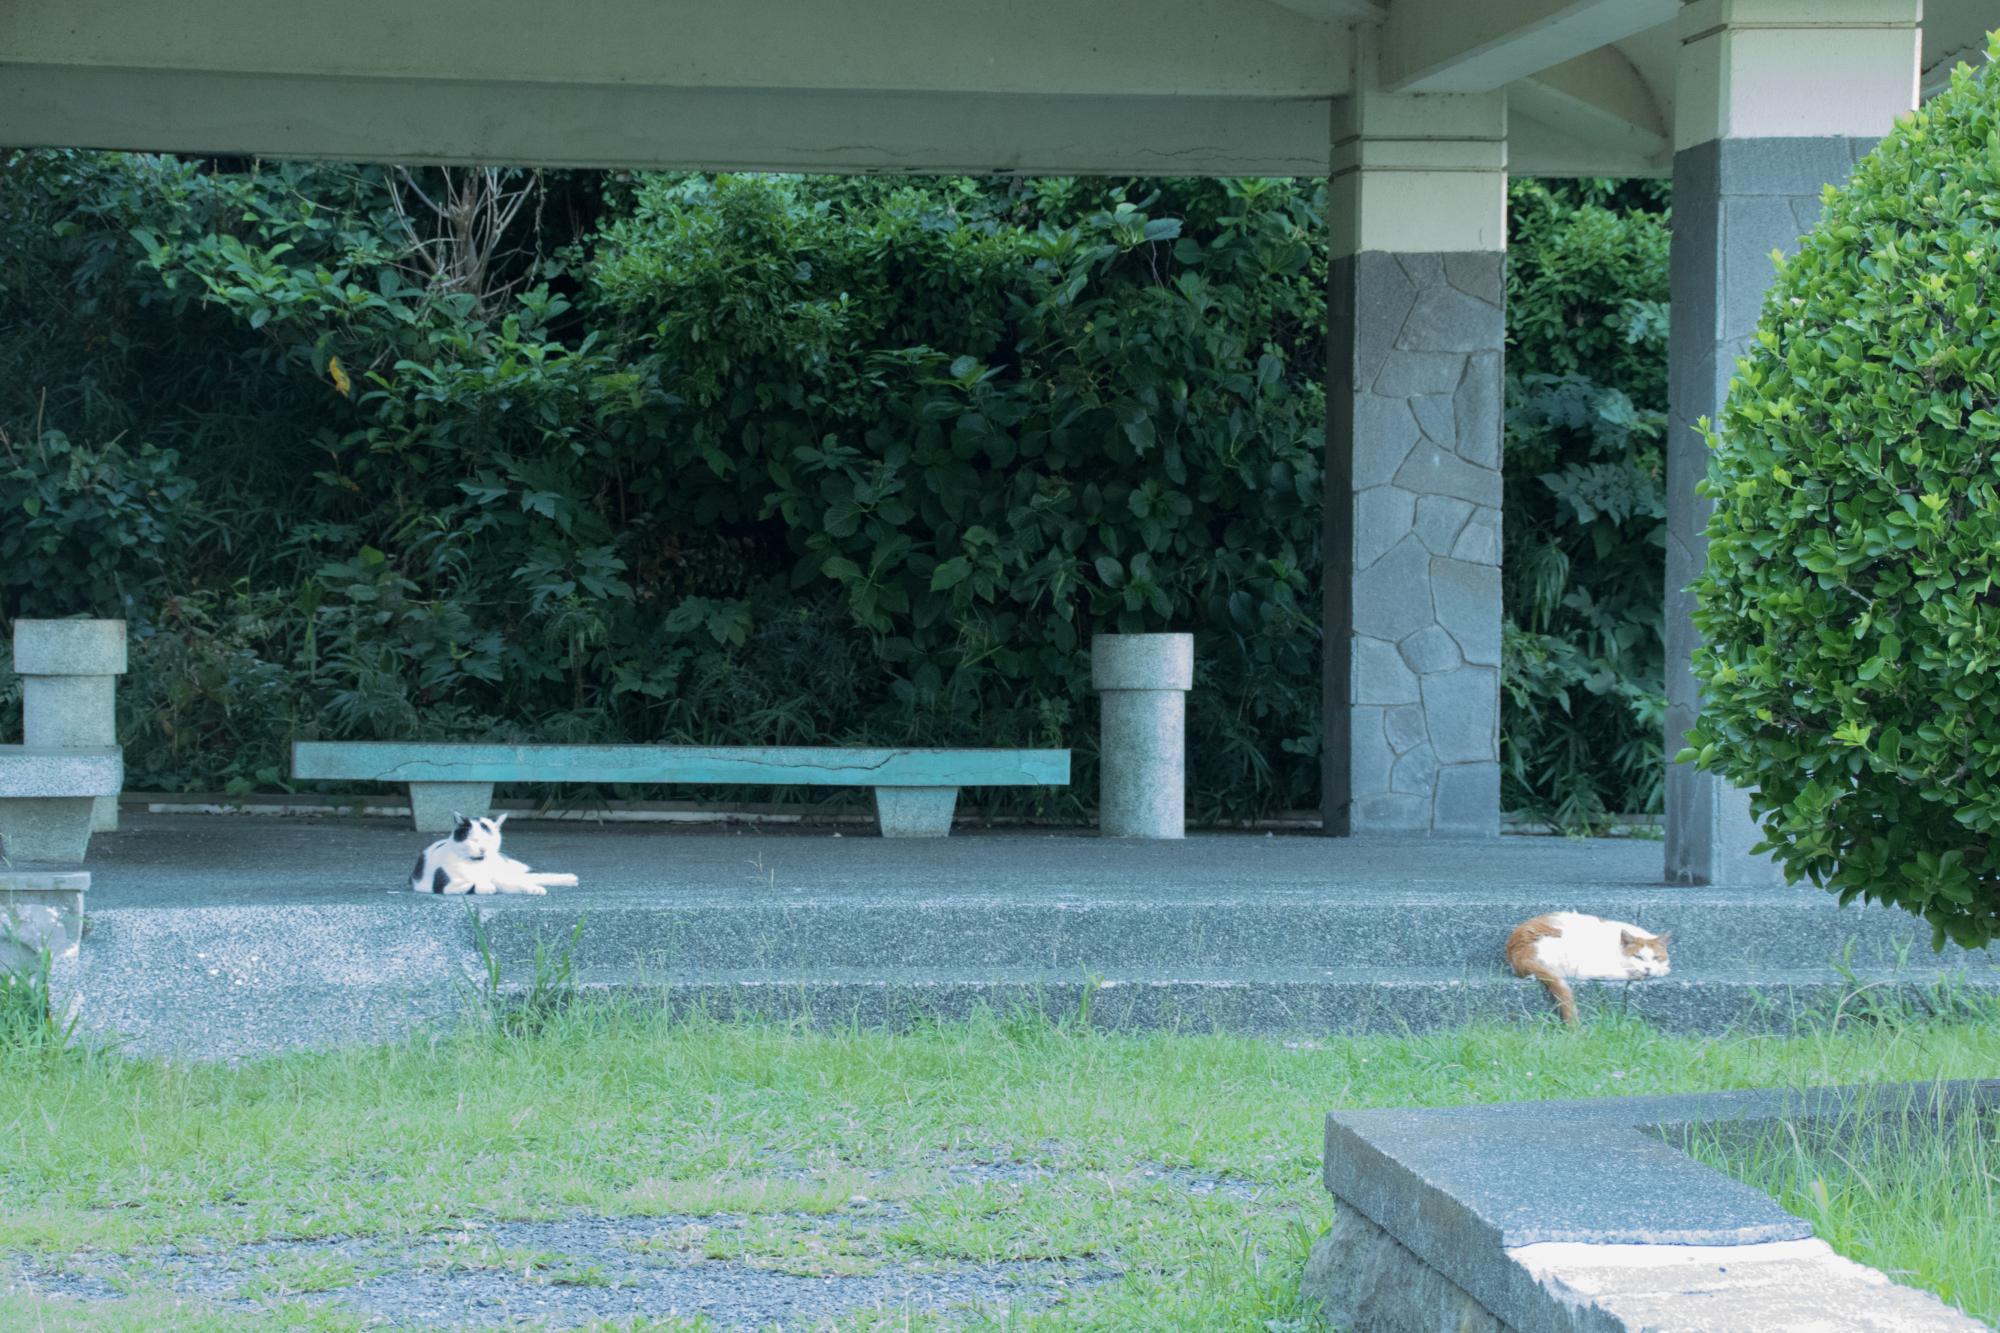 20170817-猫エリア1